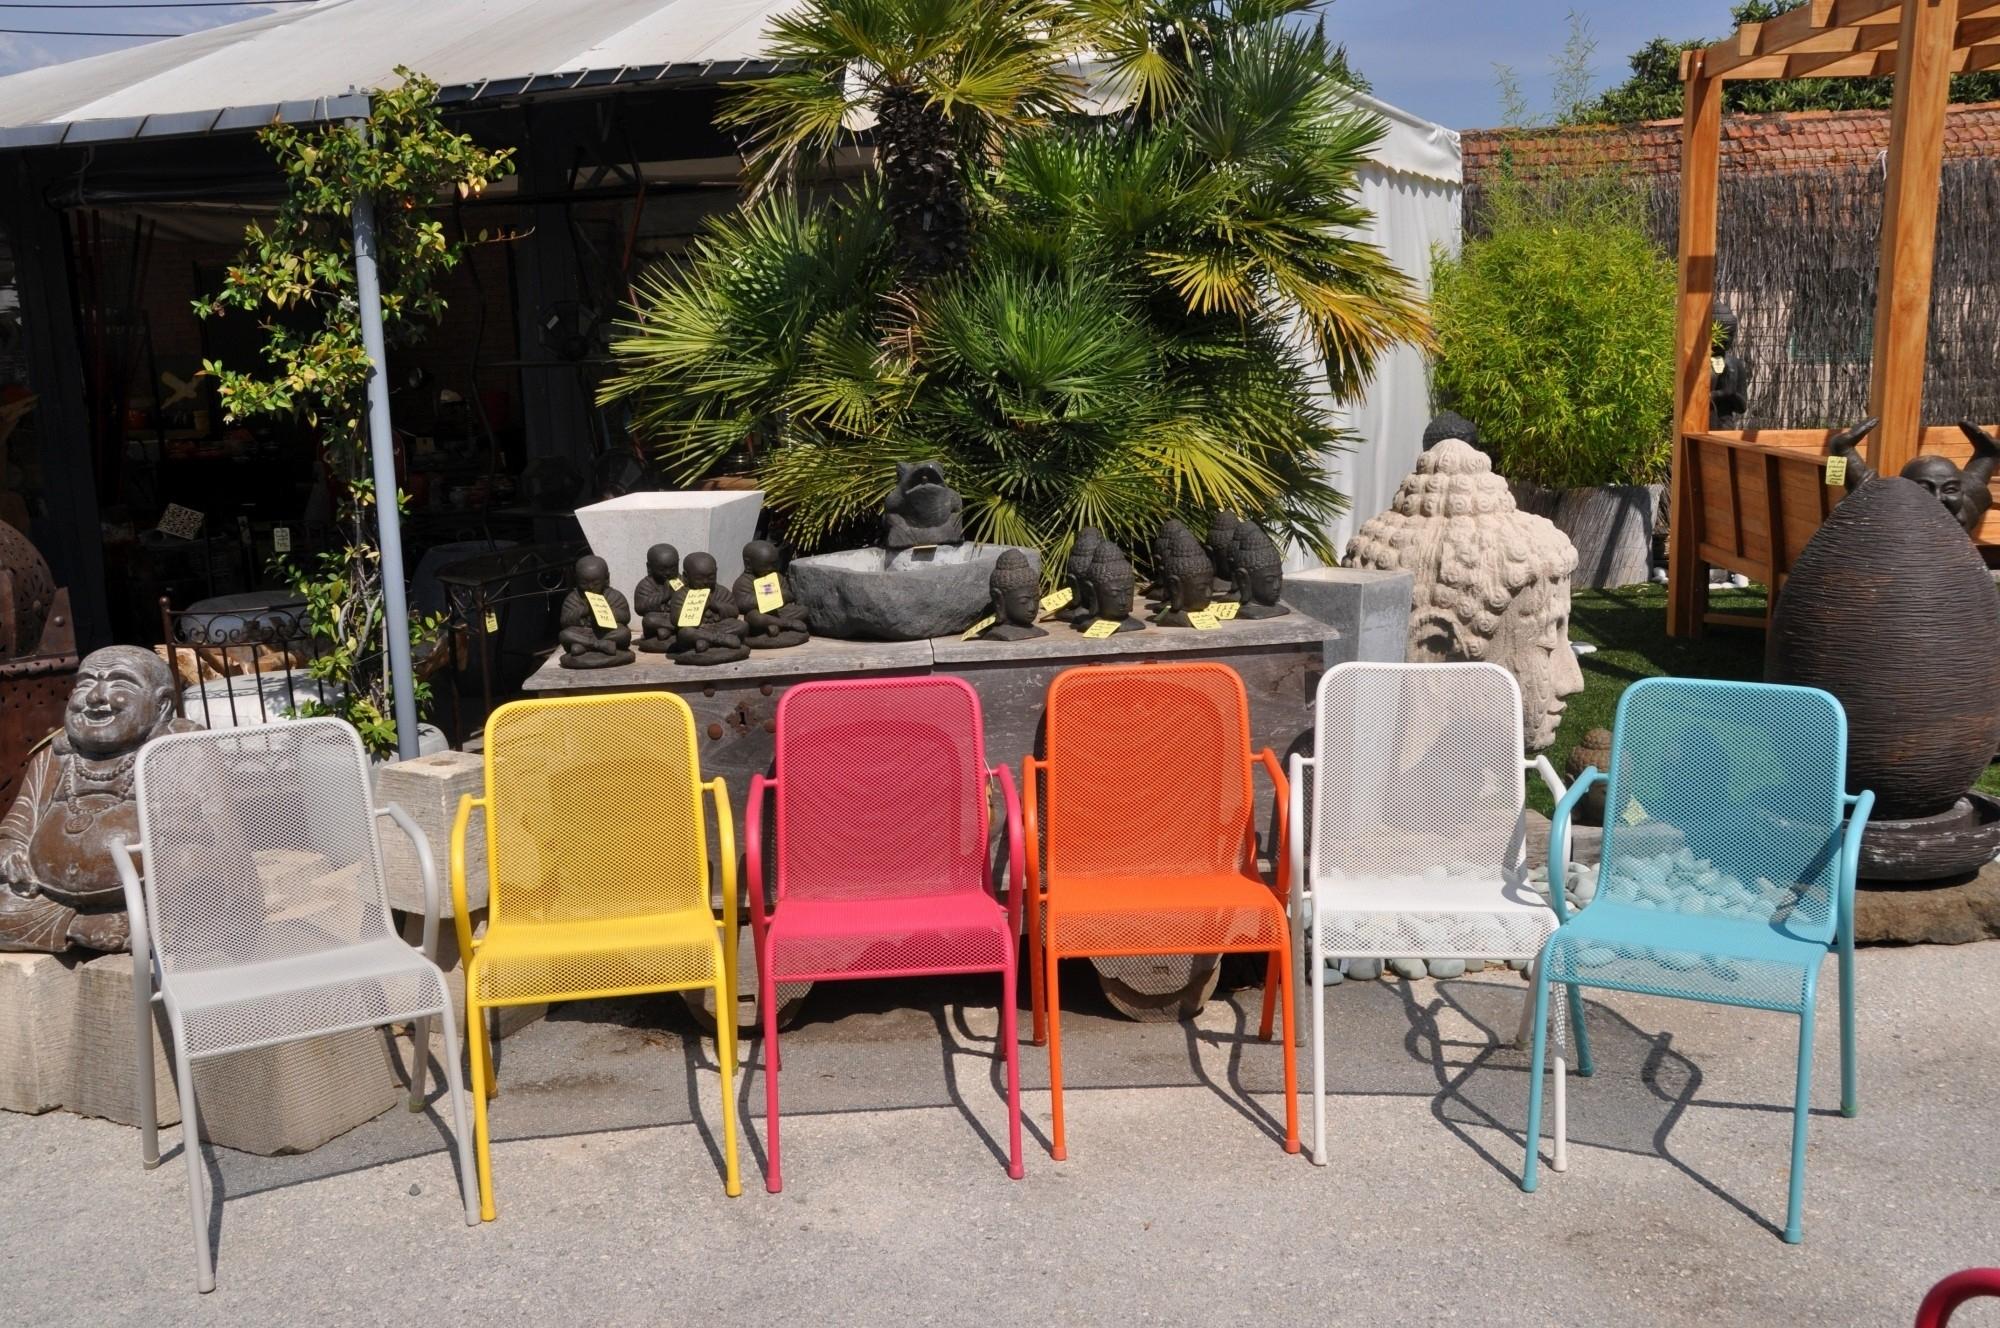 La Foir Fouille Chaise Impressionnant Photos Chaise Pliante Foir Fouille Luxe Awesome Salon De Jardin Sur Balcon